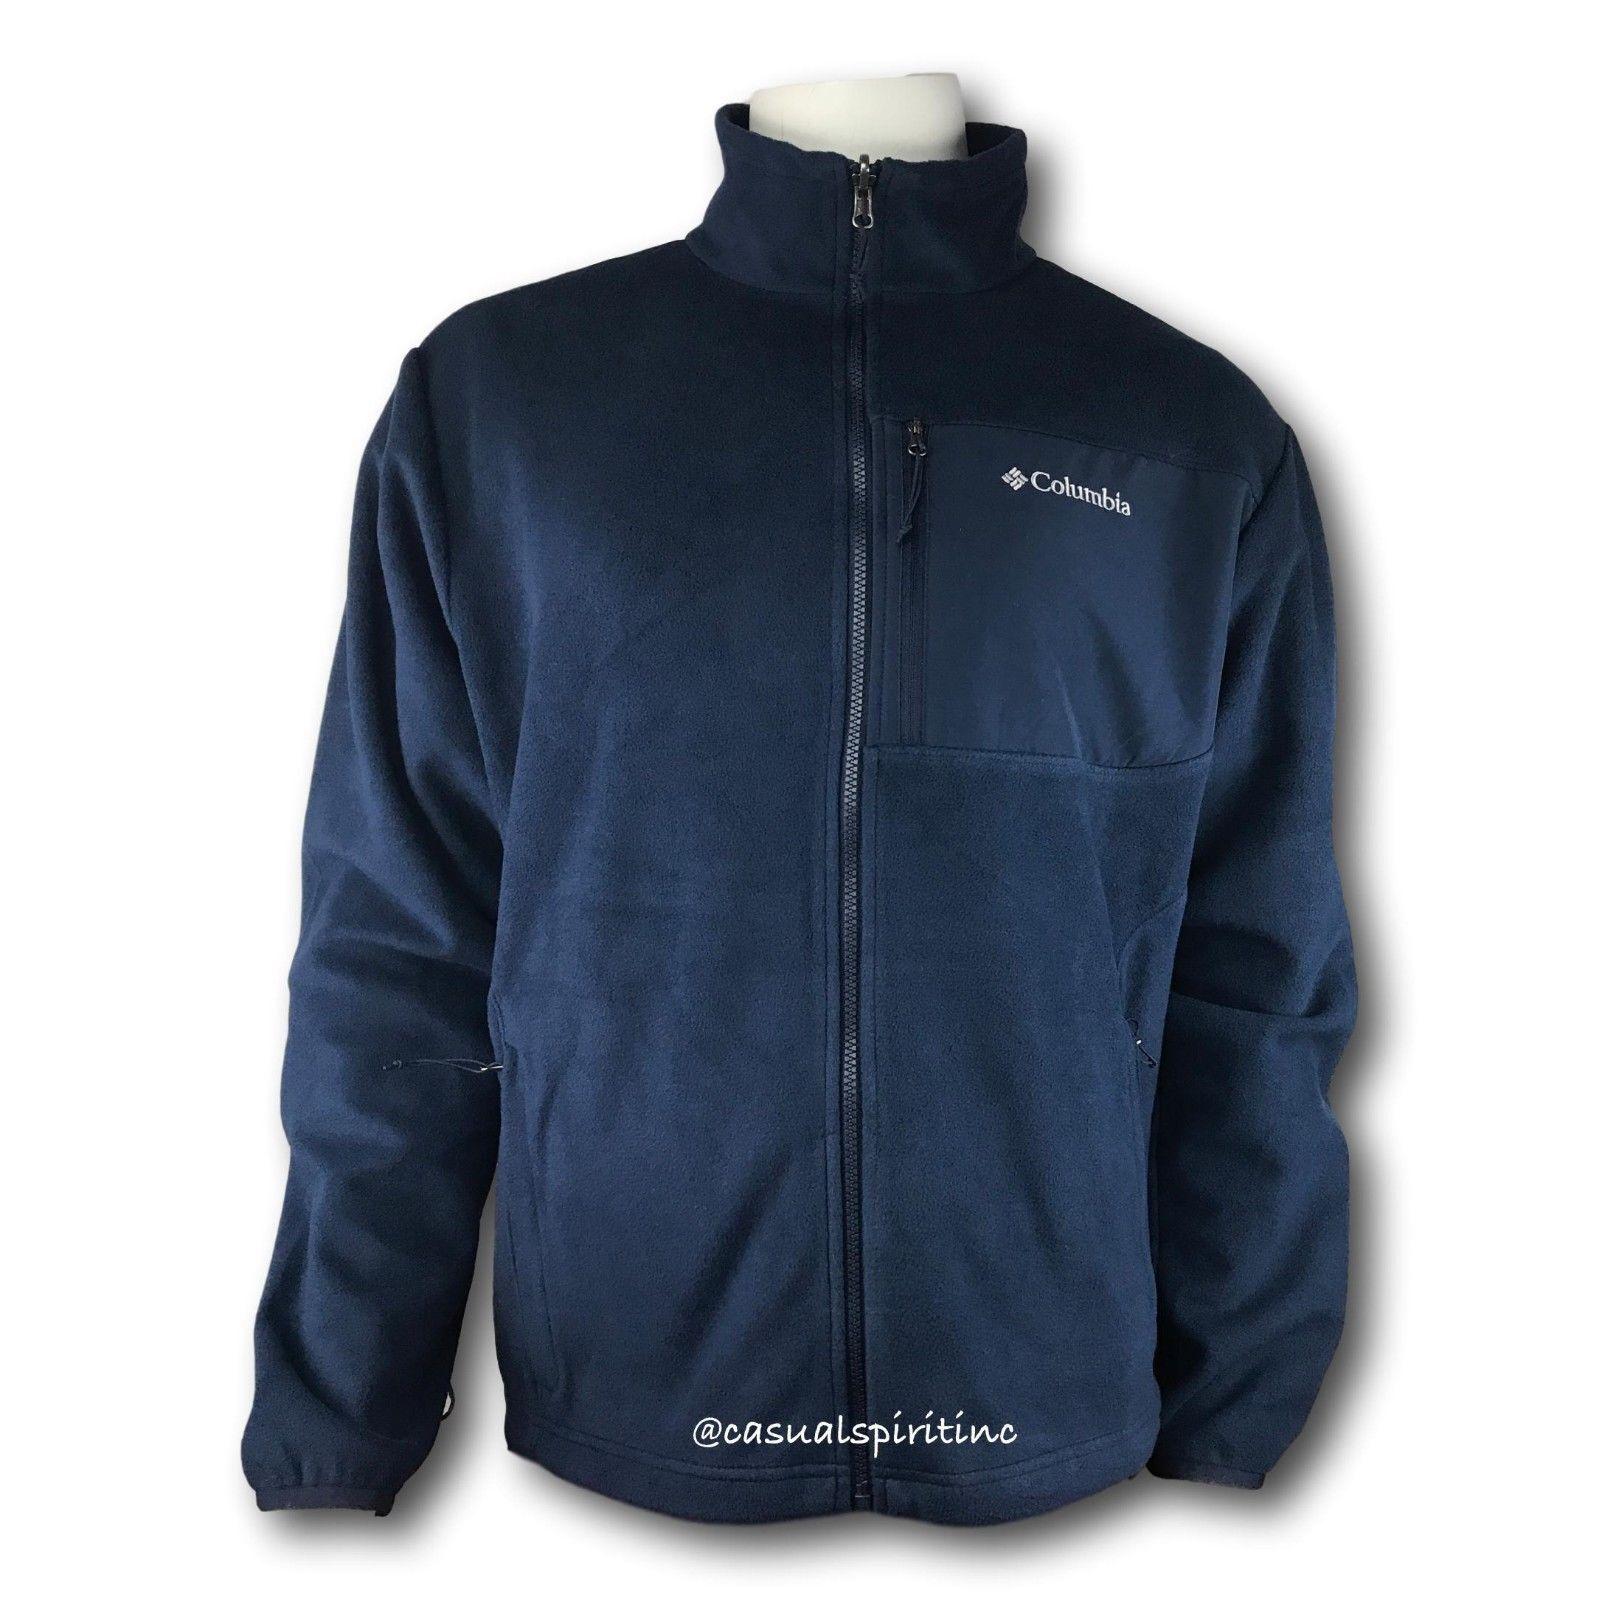 ac2b6535d99e Új Columbia kabát férfi Winter Park Pass átszállni Winter Omni teljes  cipzárral Omni Heat fleece kabát